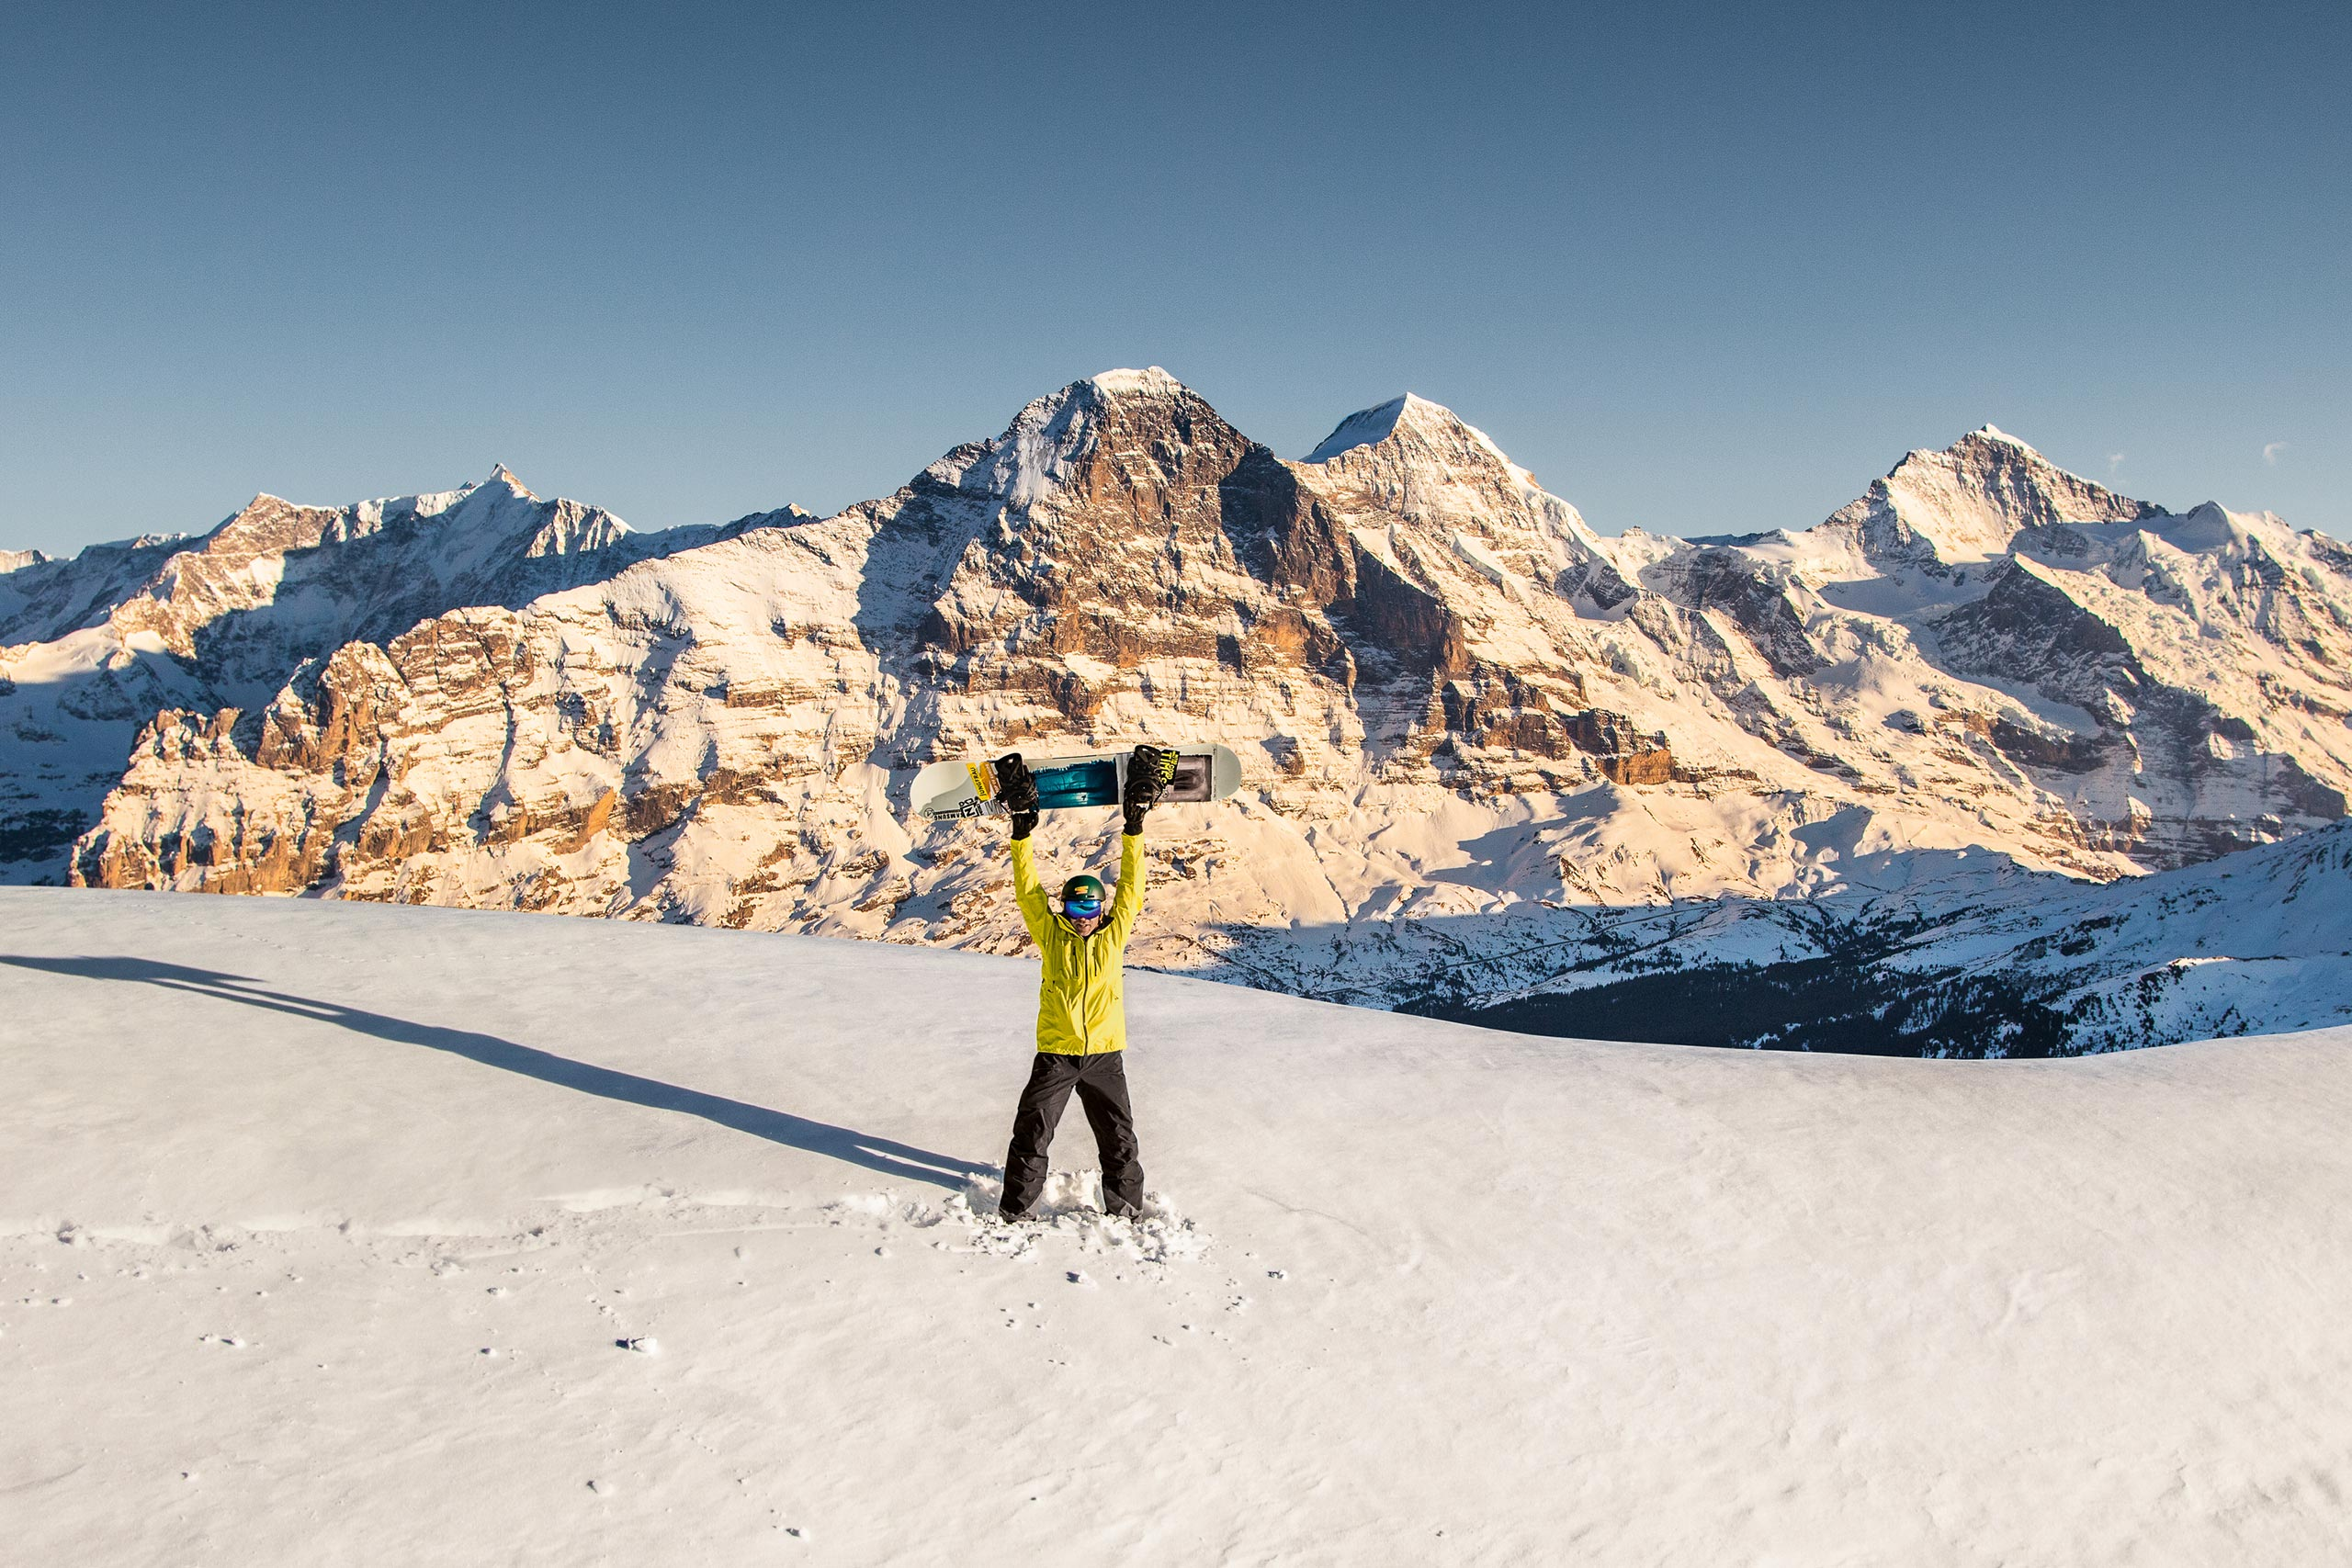 jungfrau-ski-region-winter-schnee-eiger-moench-jungfrau.jpg